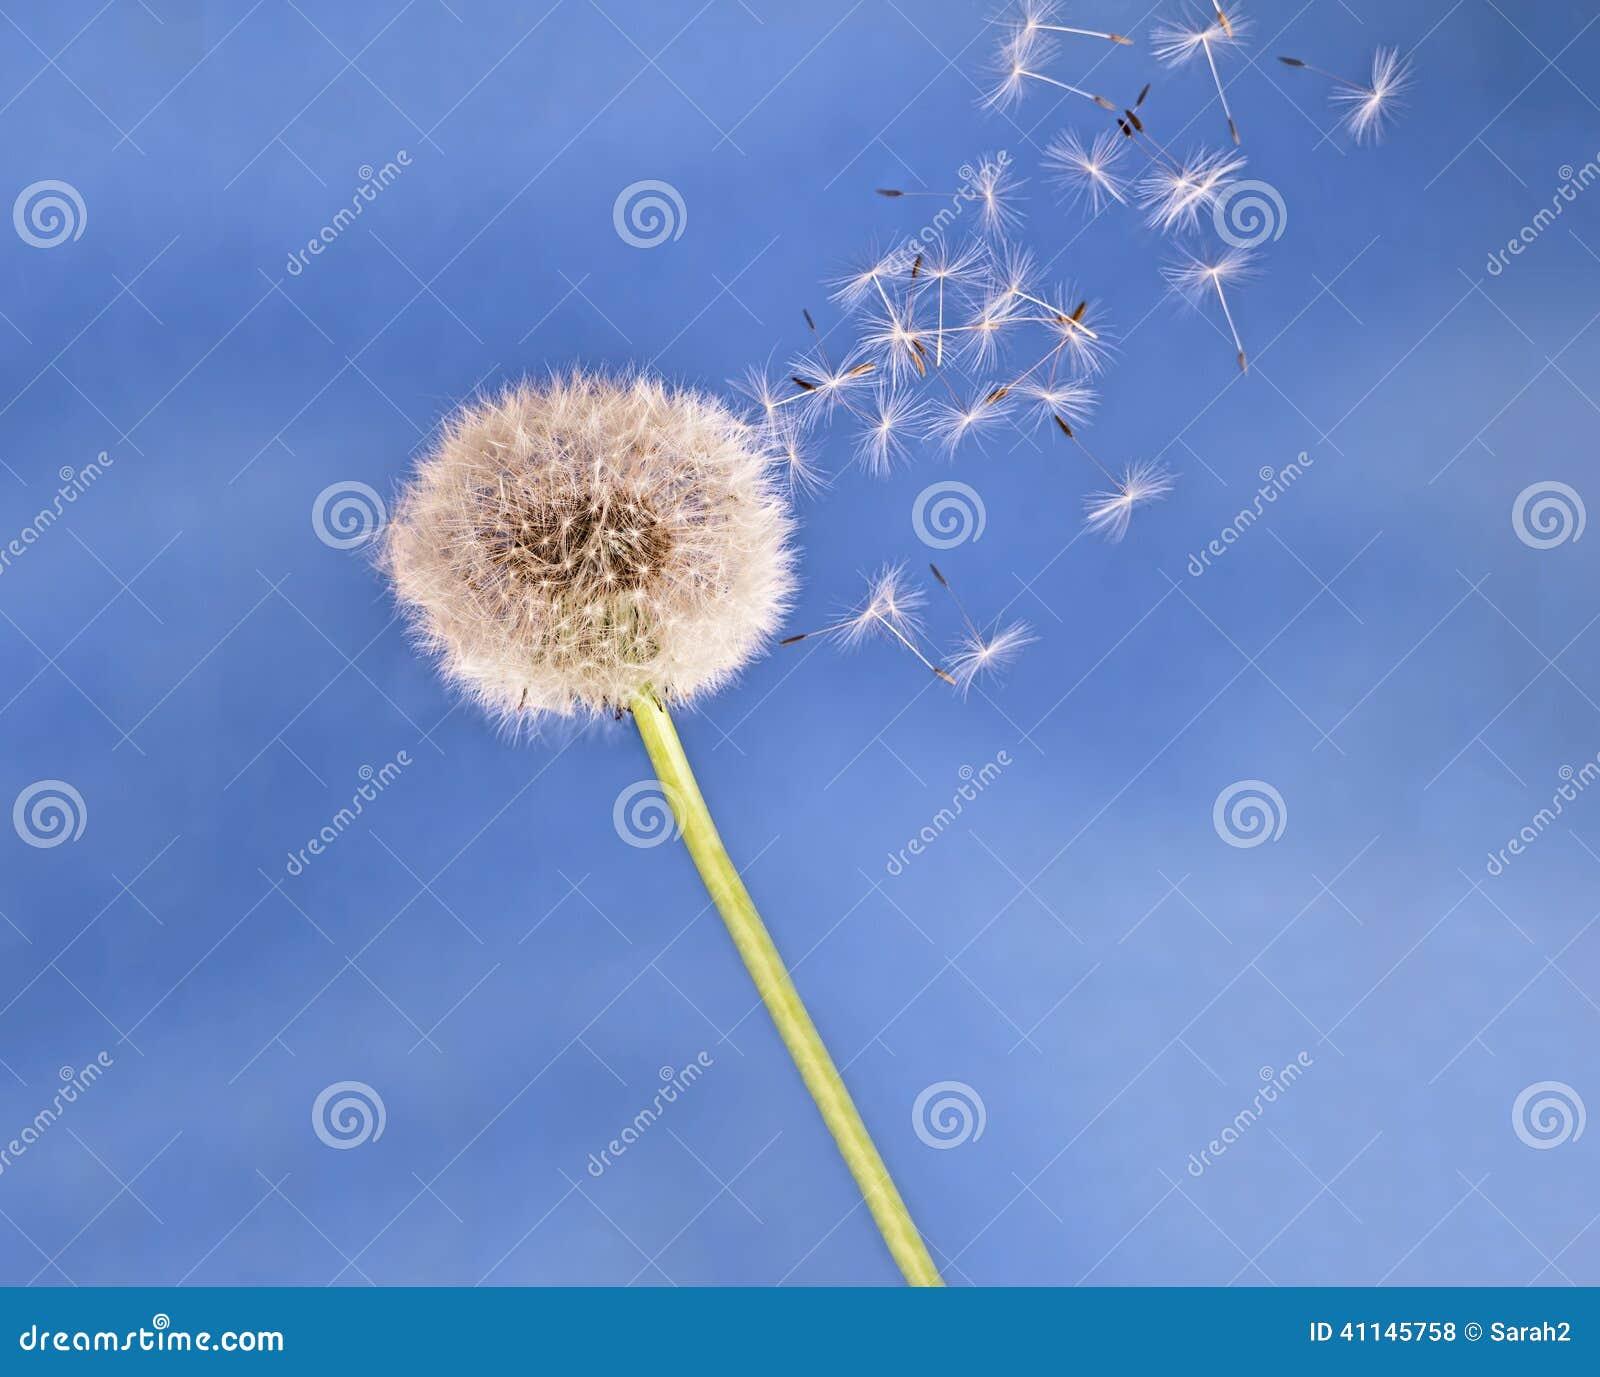 semillas en el aire